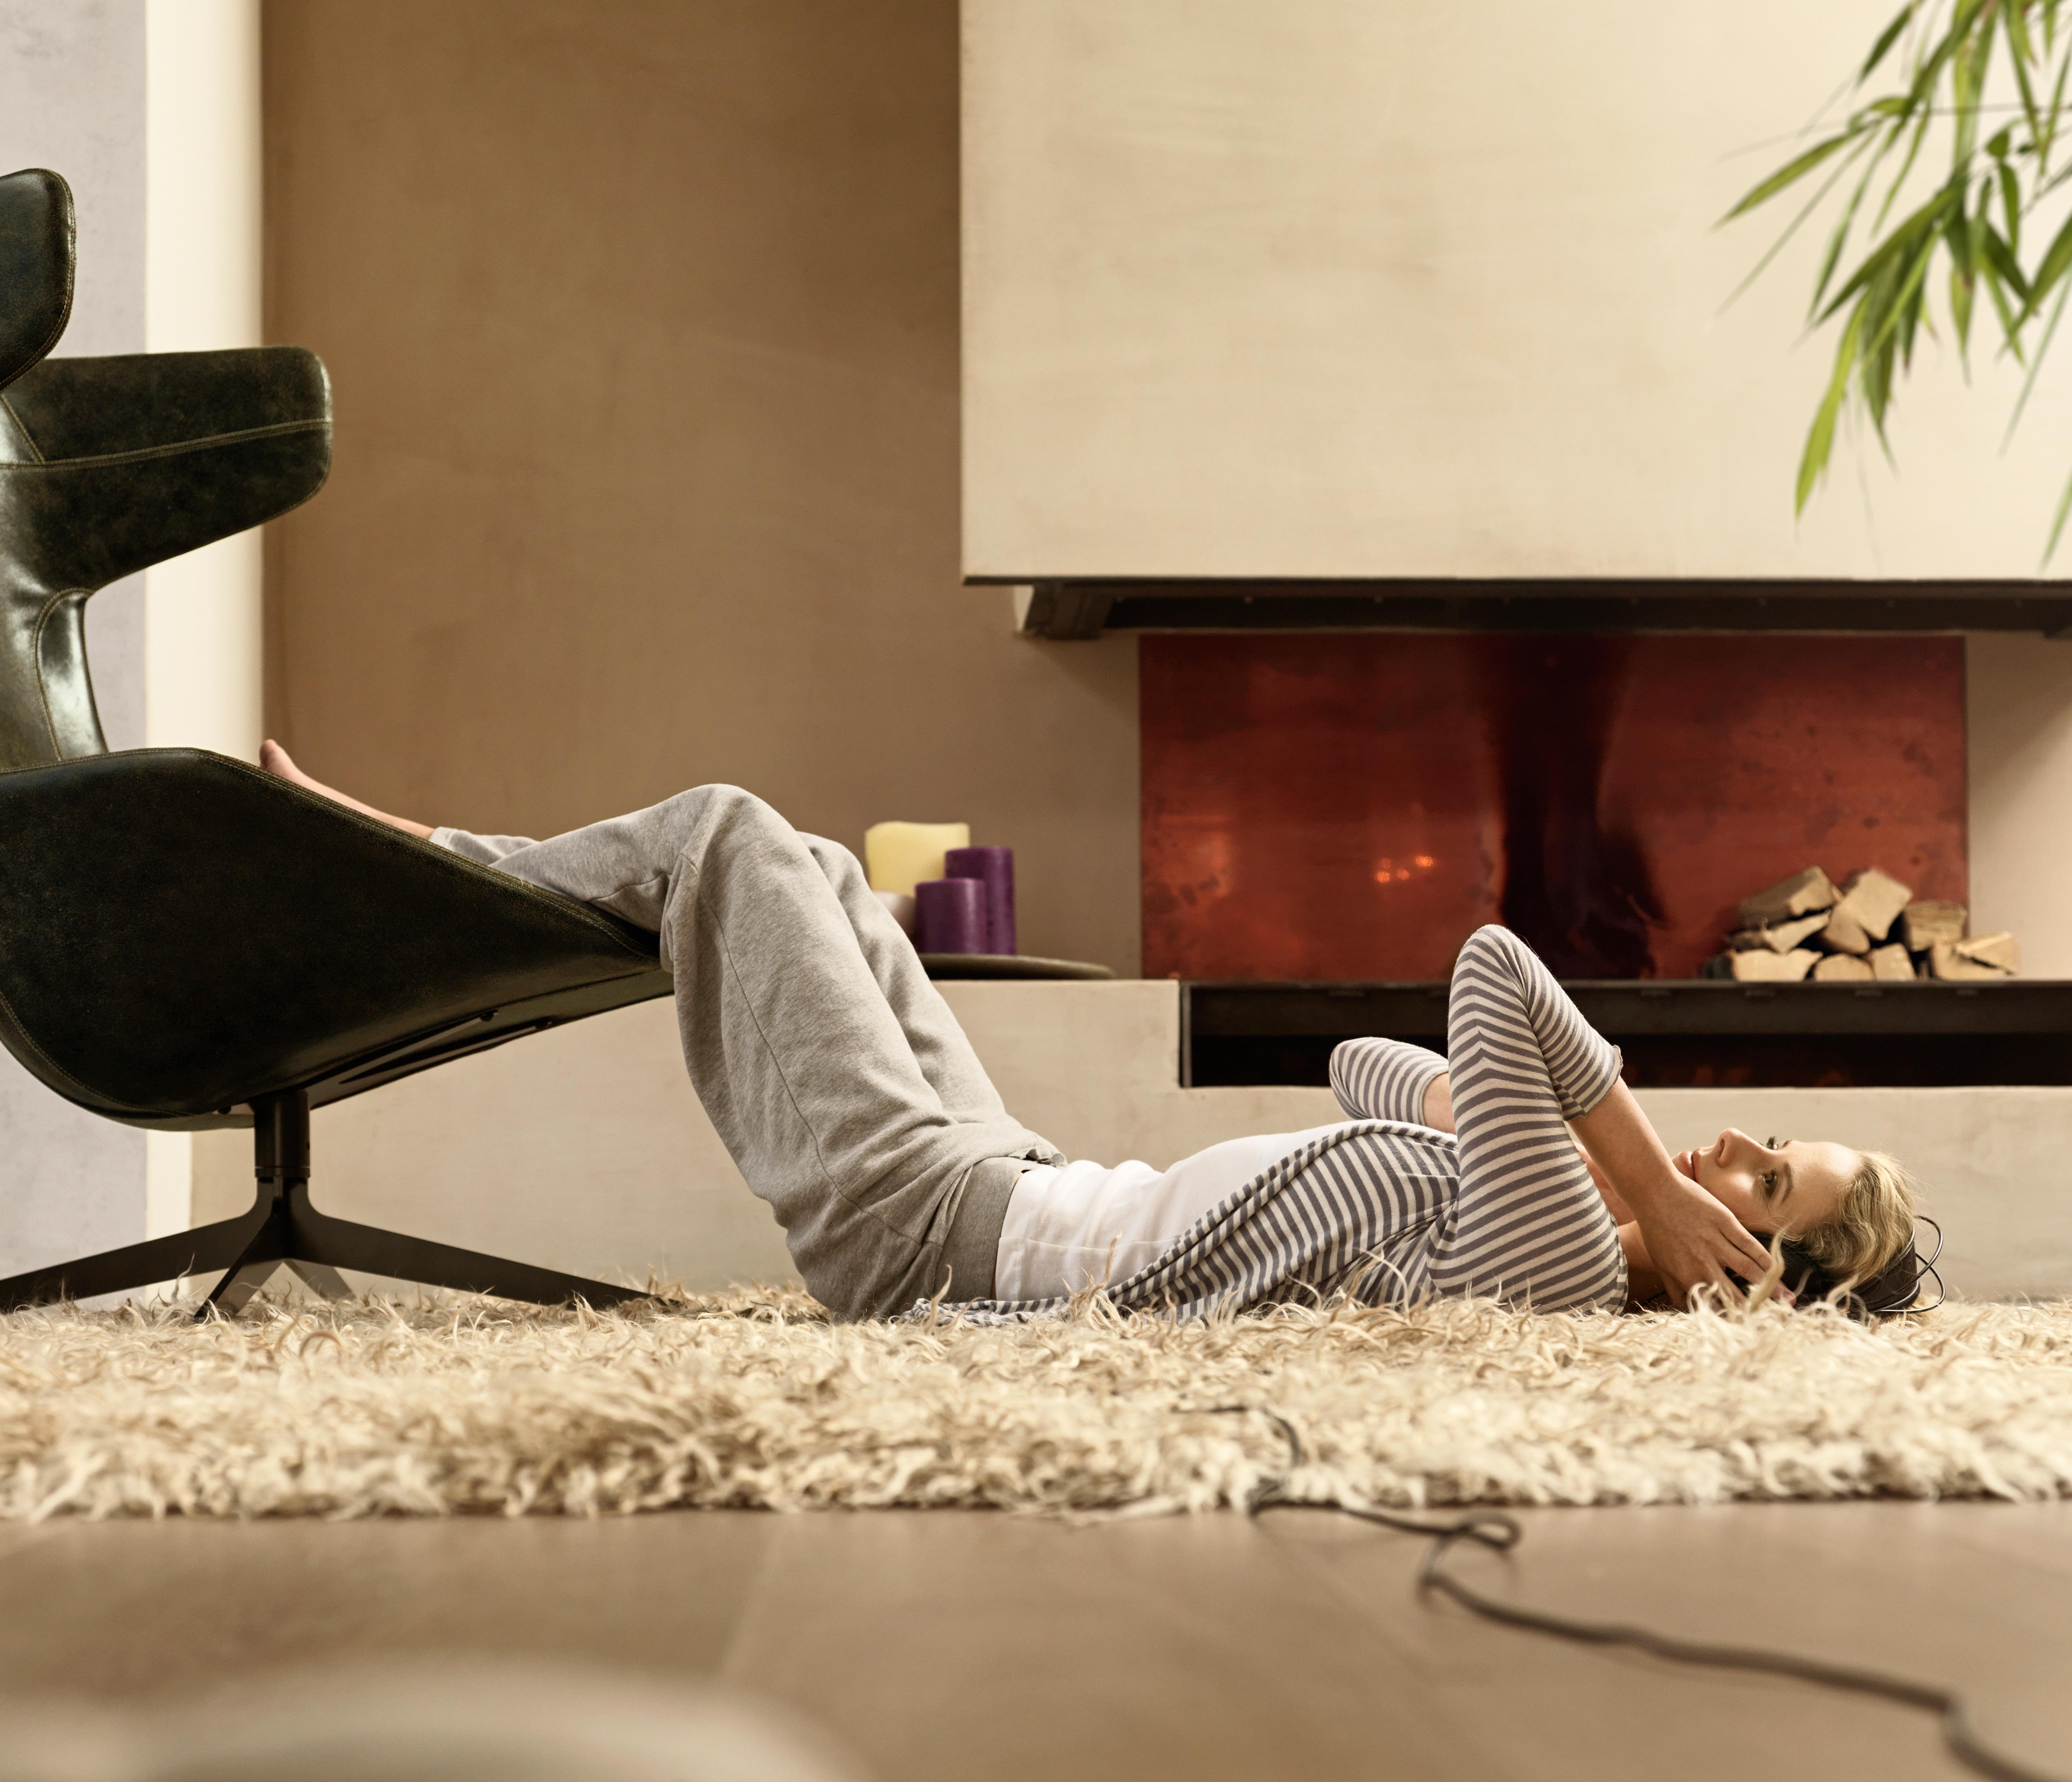 Djevojka leži na tepihu u dnevnoj sobi s nogama podignutima na kožnoj fotelji, u pozadini kamin